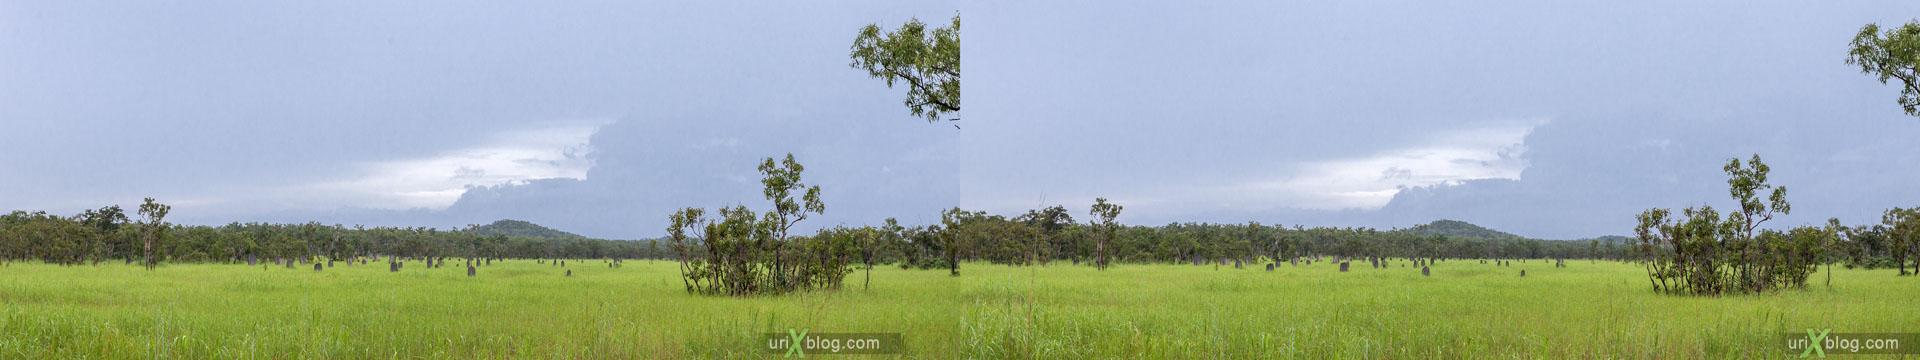 термитники, Litchfield National Park, Северная территория, Австралия, 3D, перекрёстная стереопара, стерео, стереопара, 2011